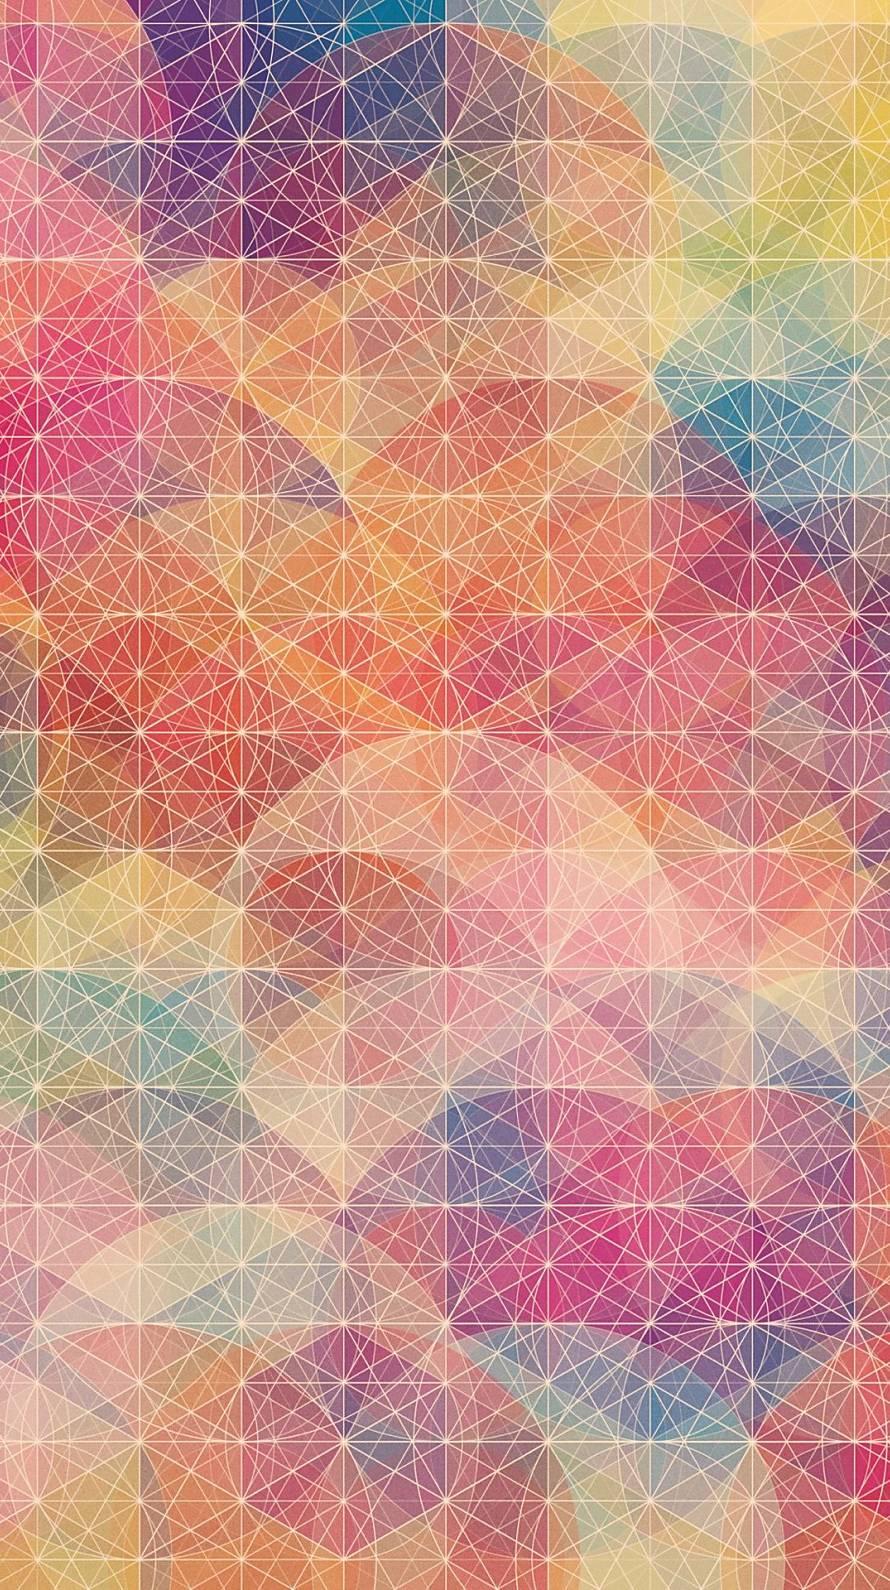 カラフルな楕円の集まり iPhone6壁紙